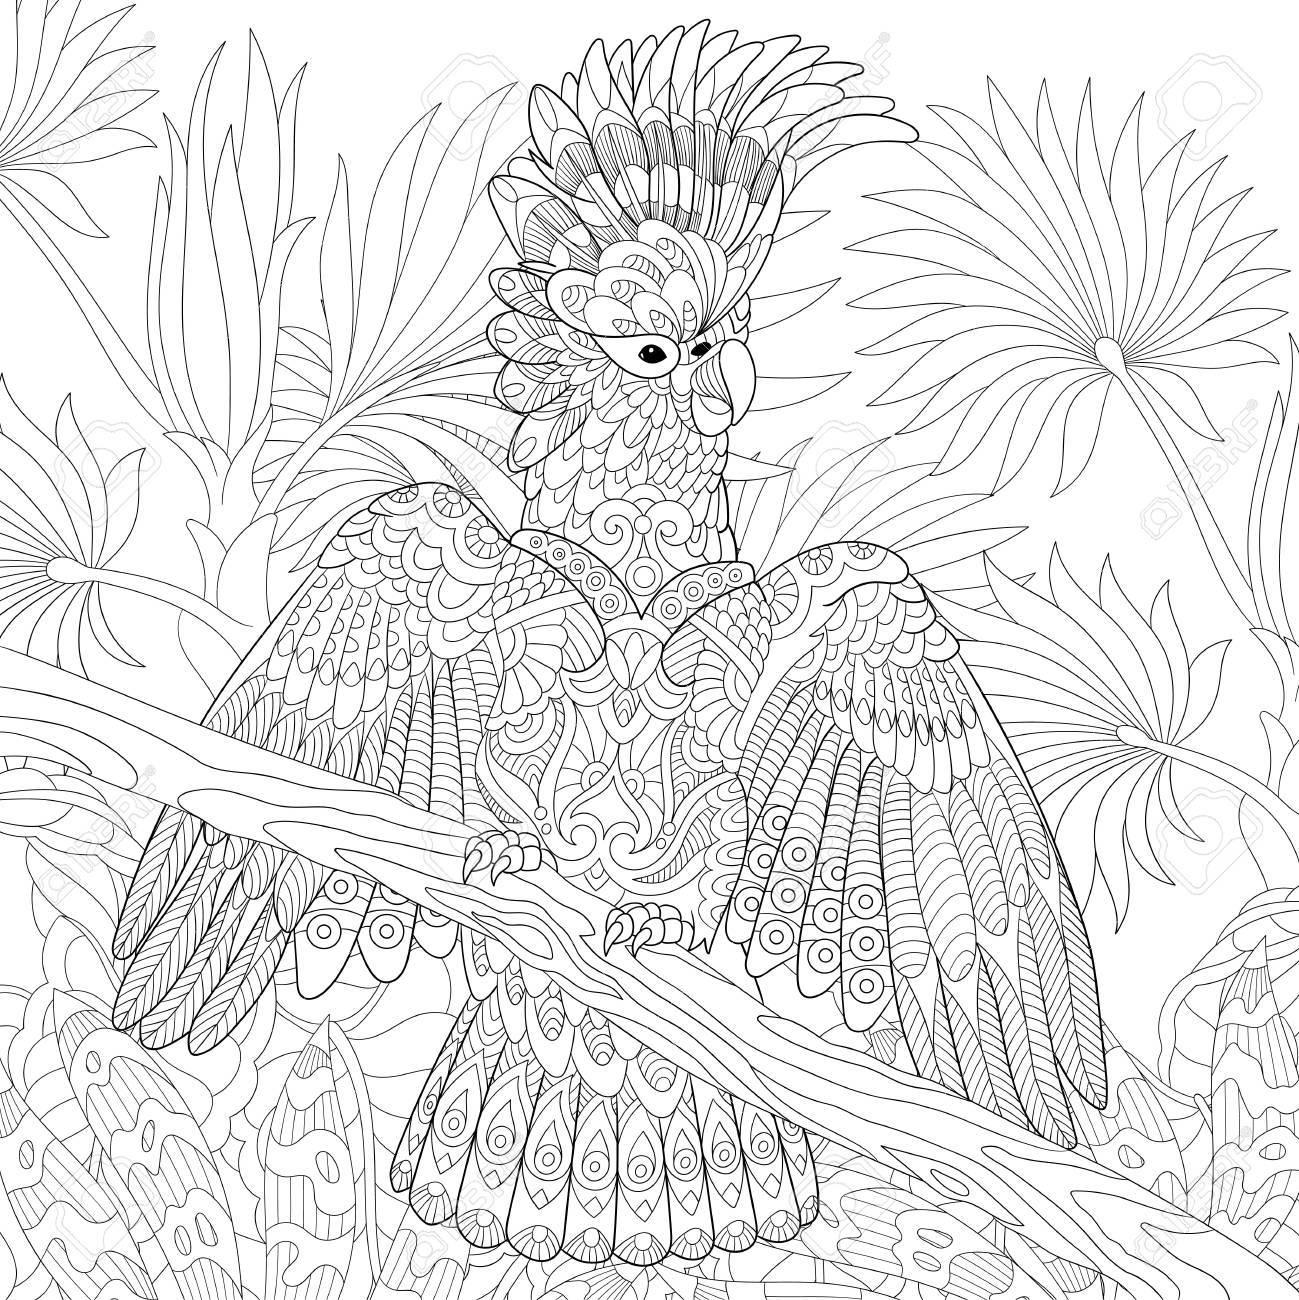 Coloriage Anti Stress Perroquet.Coloriage De Perroquet Cacatoes Australien Dans La Foret Tropicale De La Jungle Dessin De Croquis A Main Levee Pour Le Livre De Coloriage Antistress